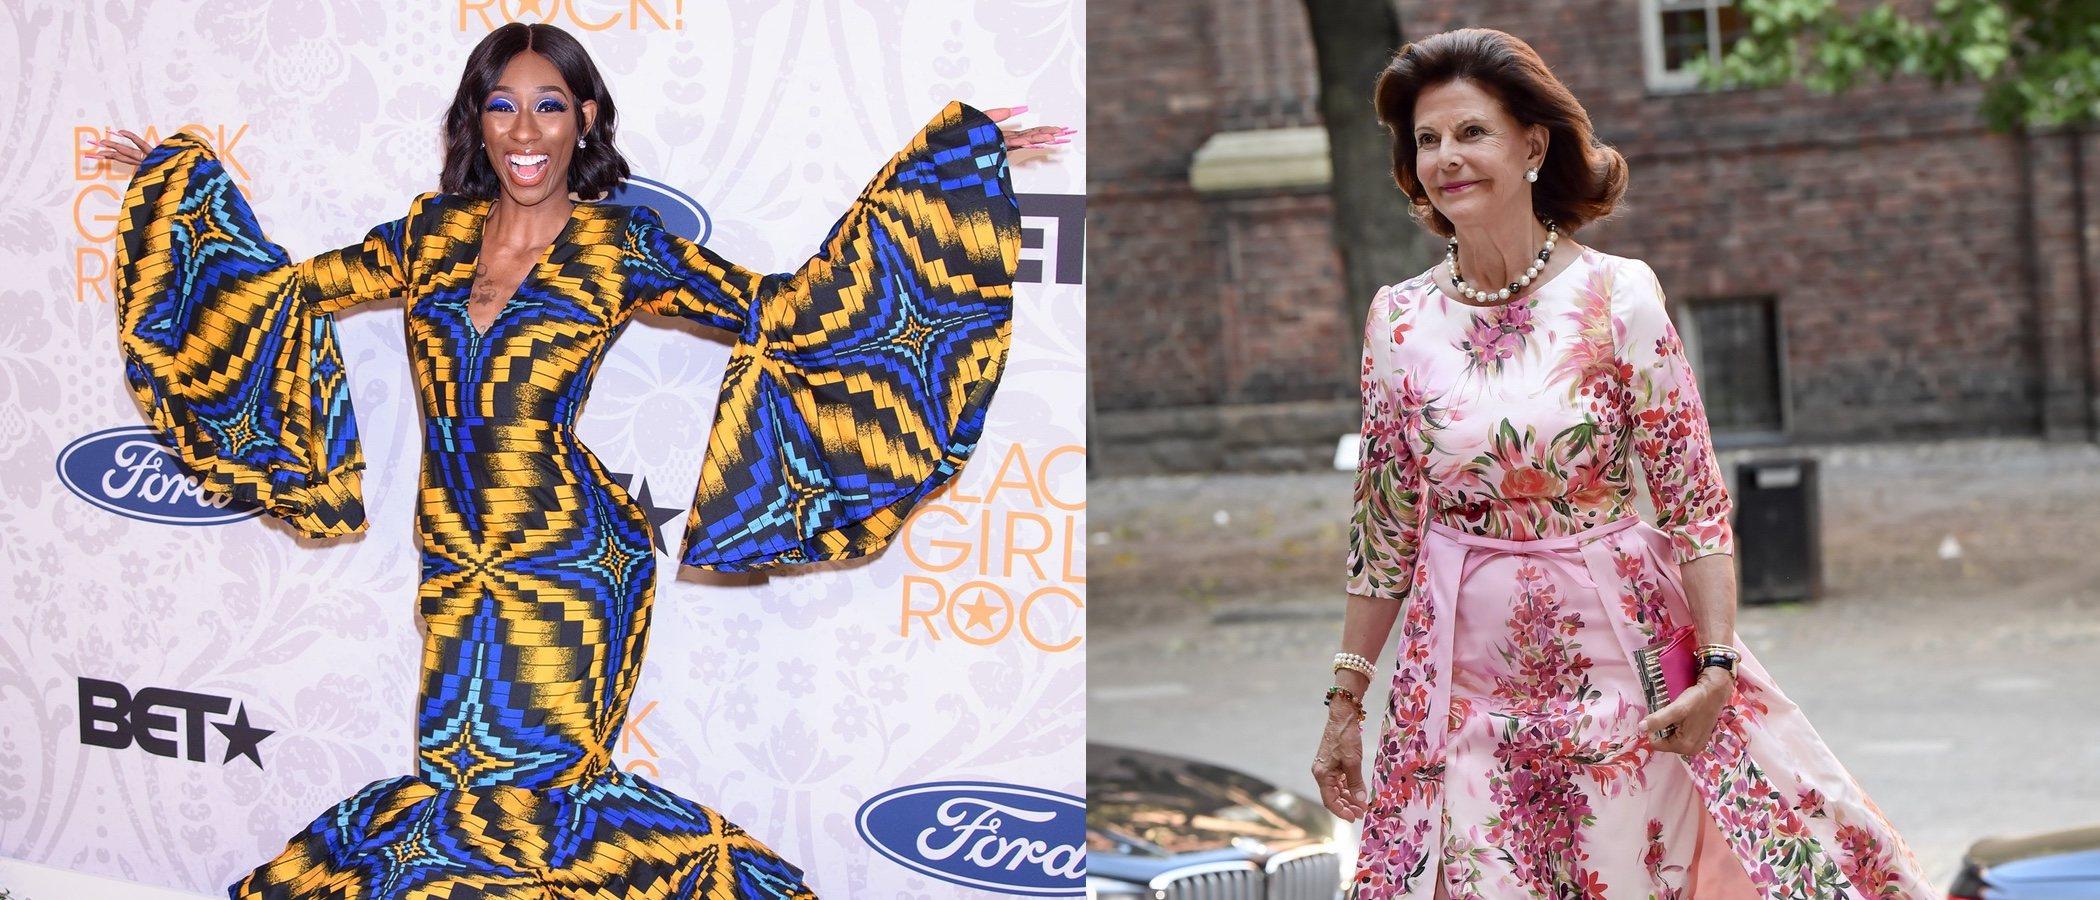 Lala Milan y la Reina Silvia de Suecia se coronan con los peores looks de la semana